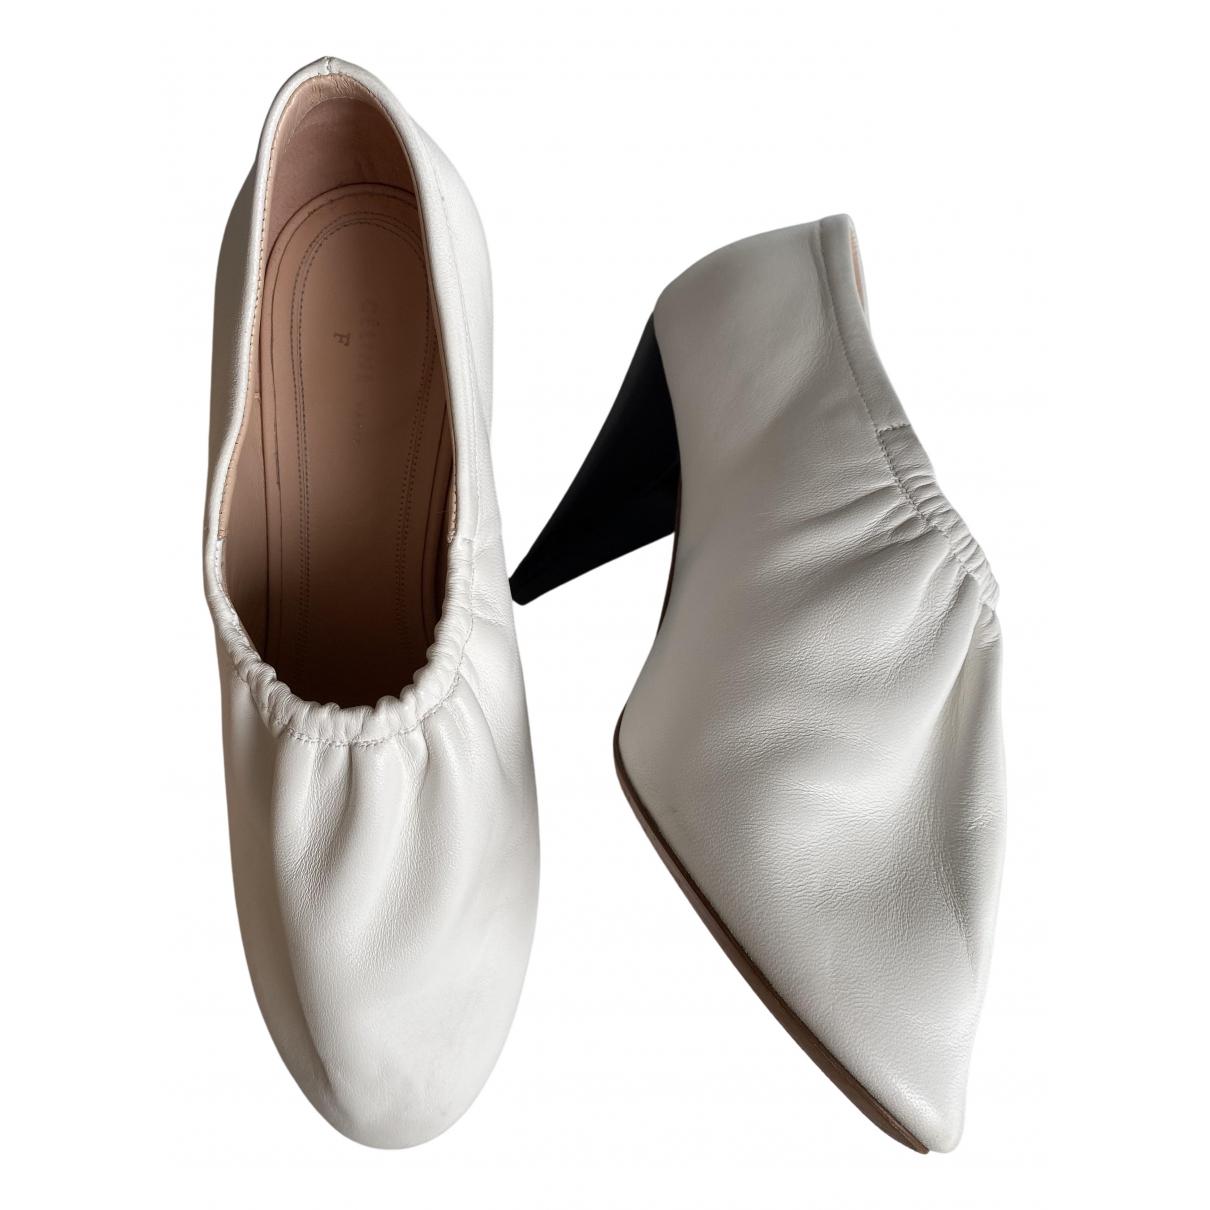 Tacones Soft Ballerina de Cuero Celine